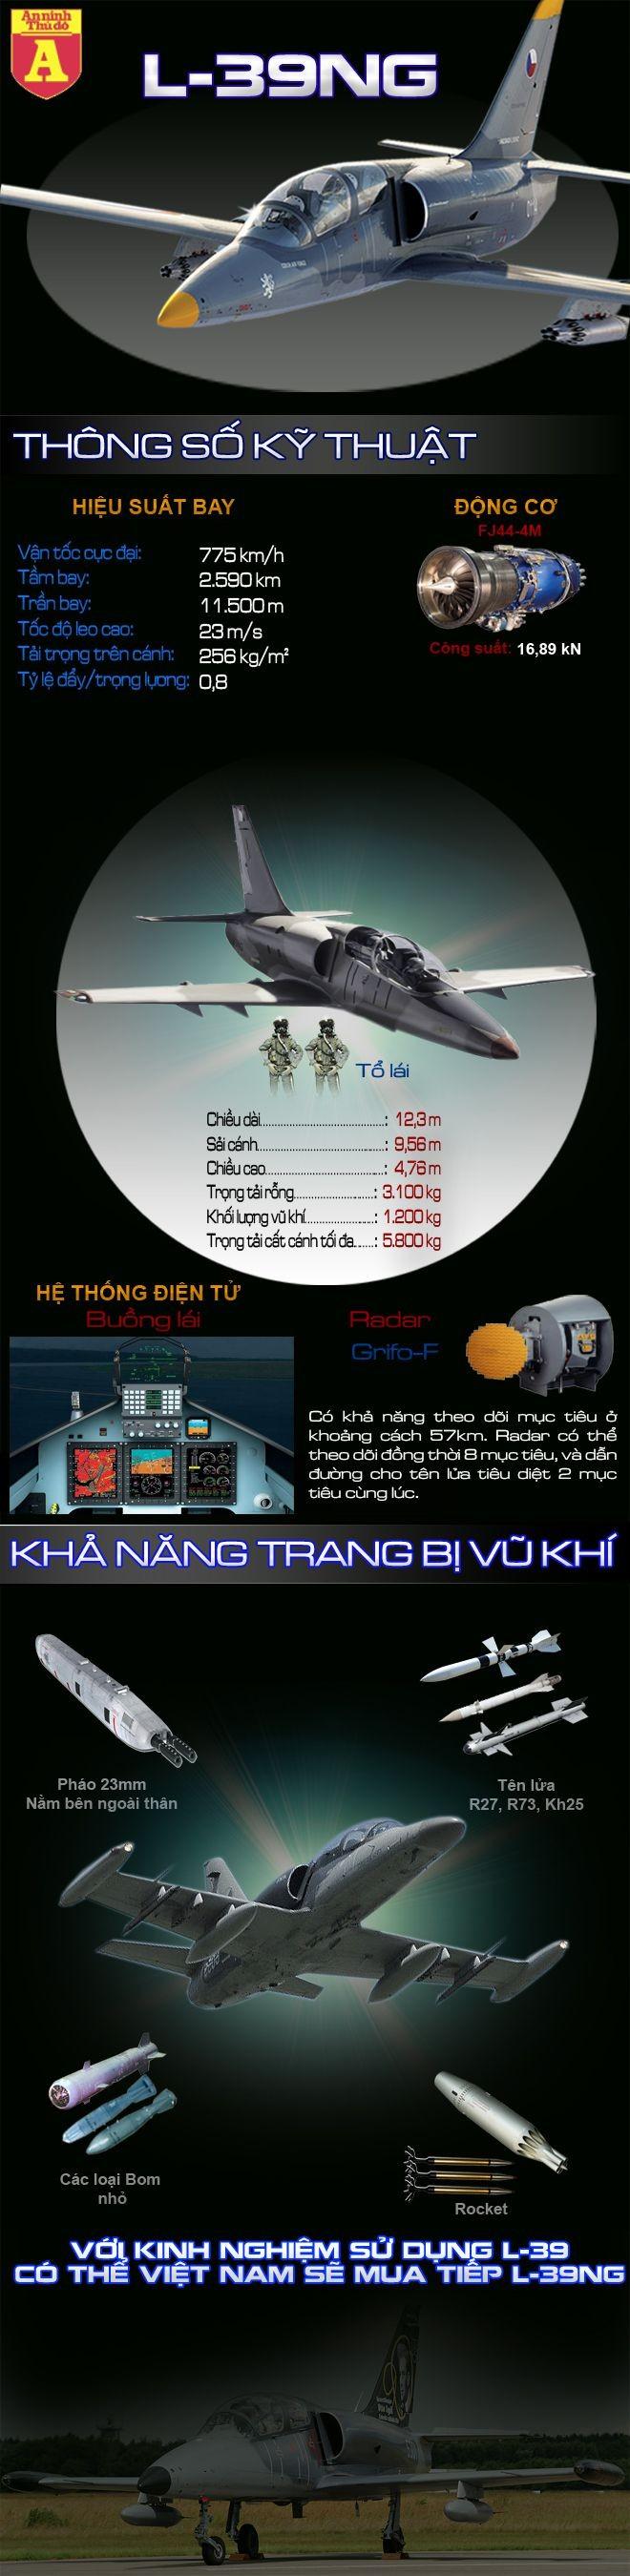 [Infographic] Việt Nam tiếp tục chọn phiên bản huấn luyện tối tân dựa trên huyền thoại L-39 cải tiến?